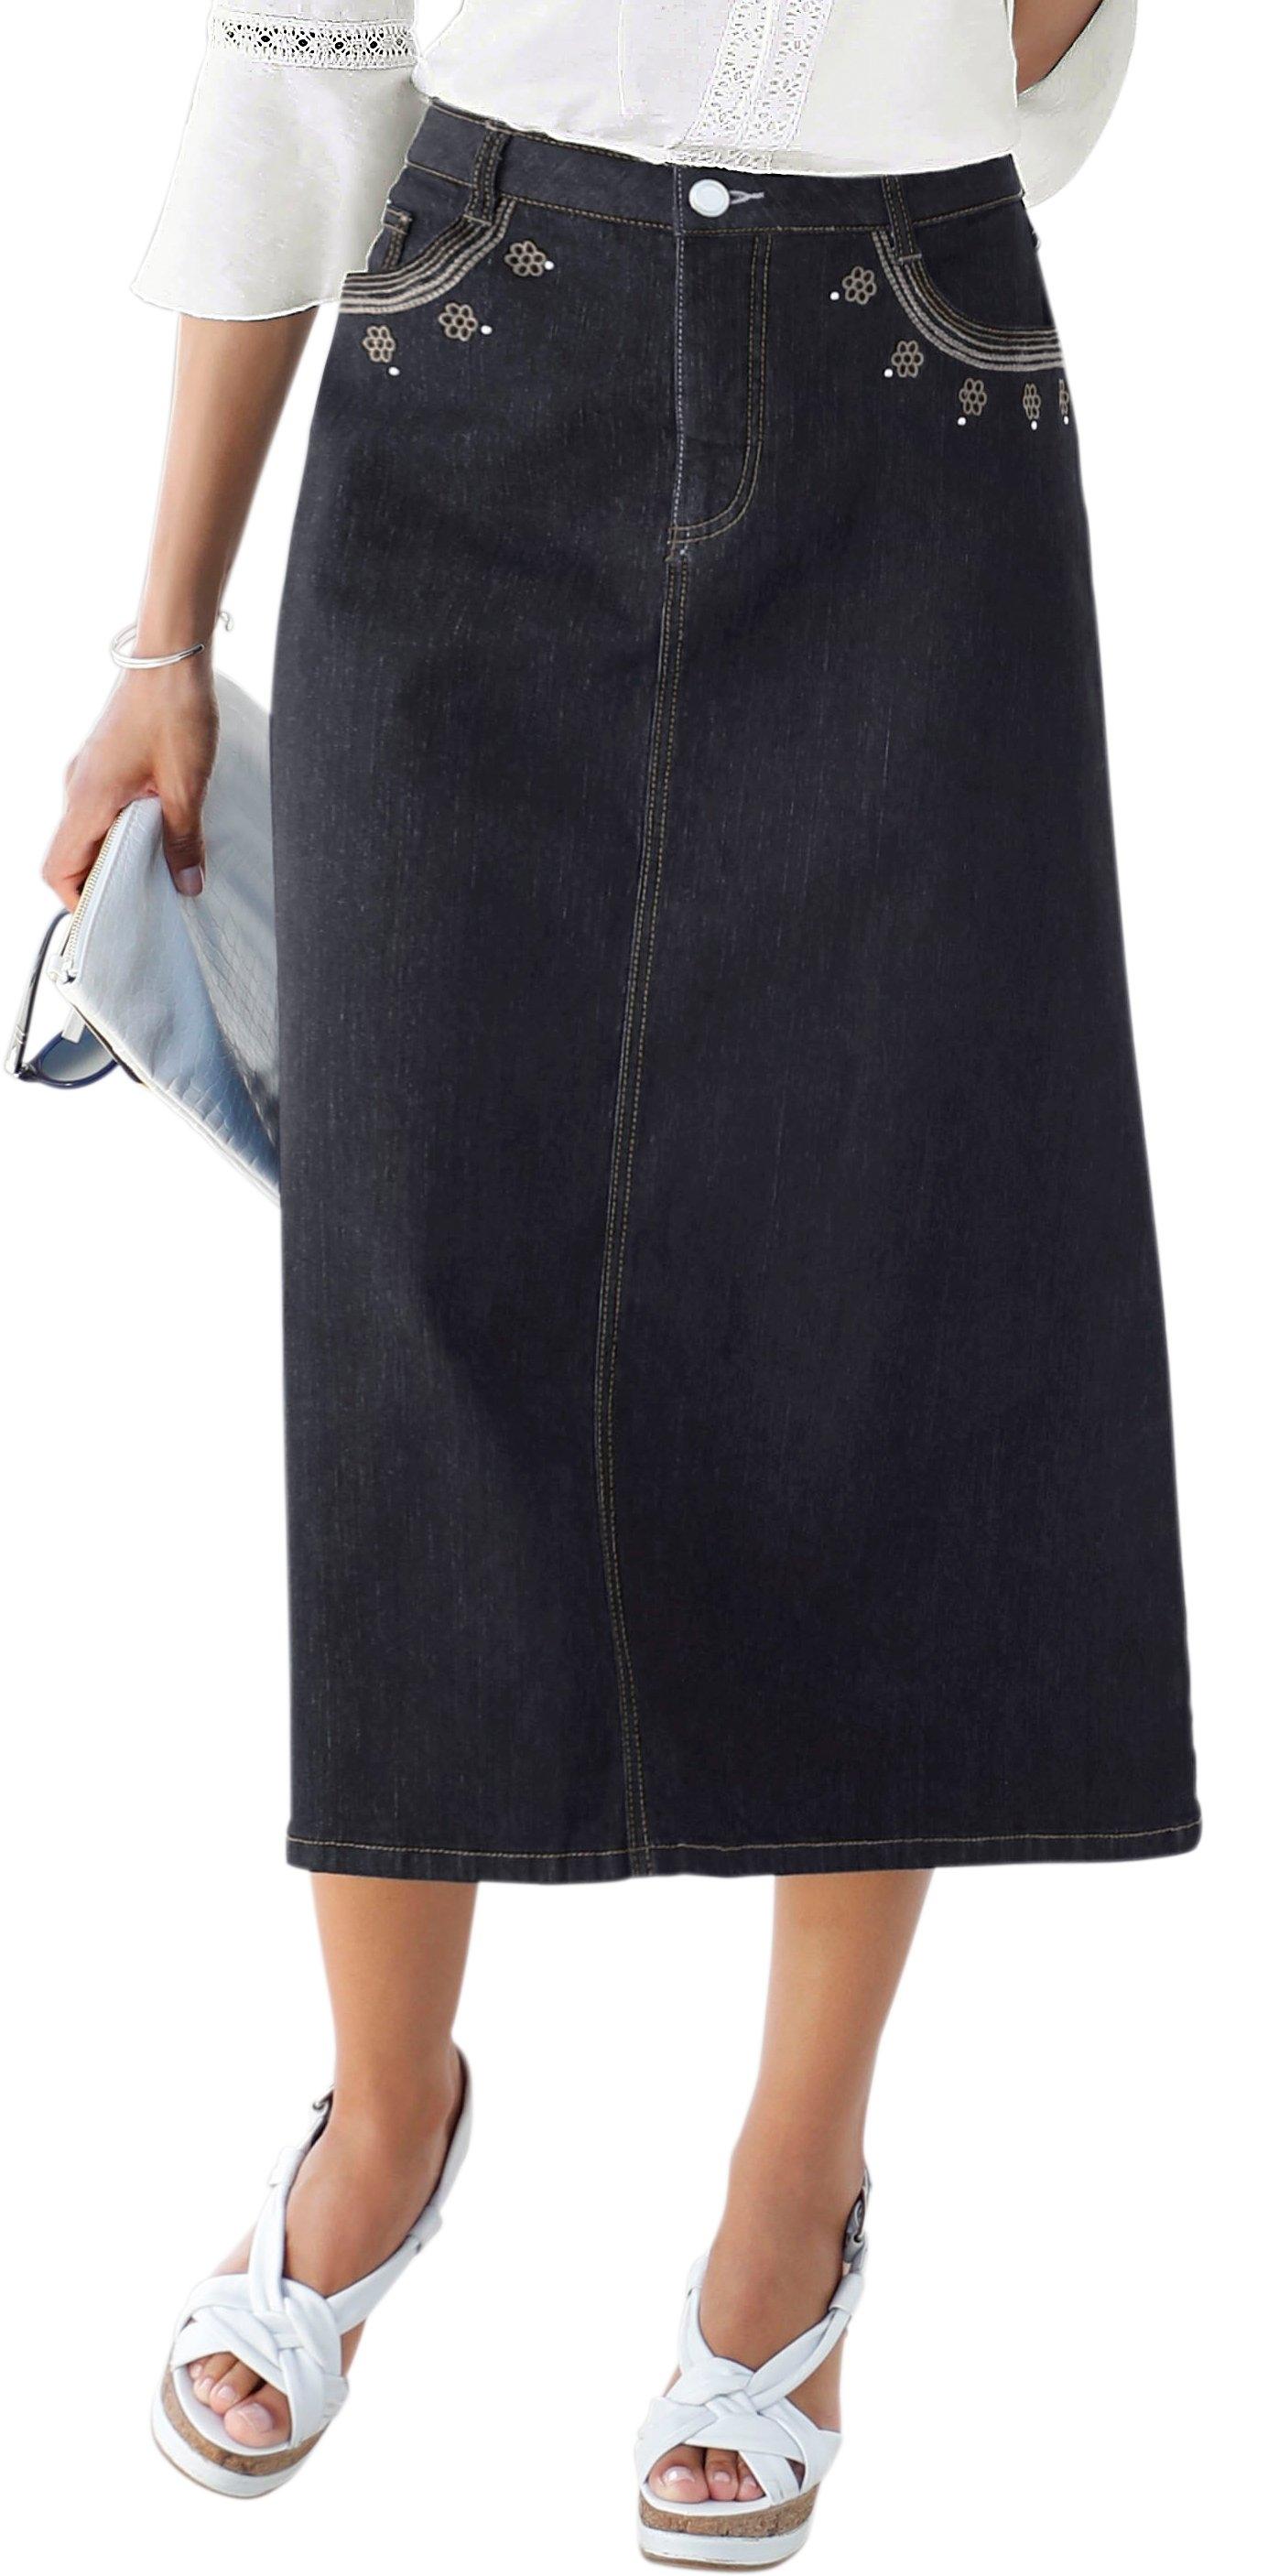 Classic Inspirationen jeansrok voordelig en veilig online kopen